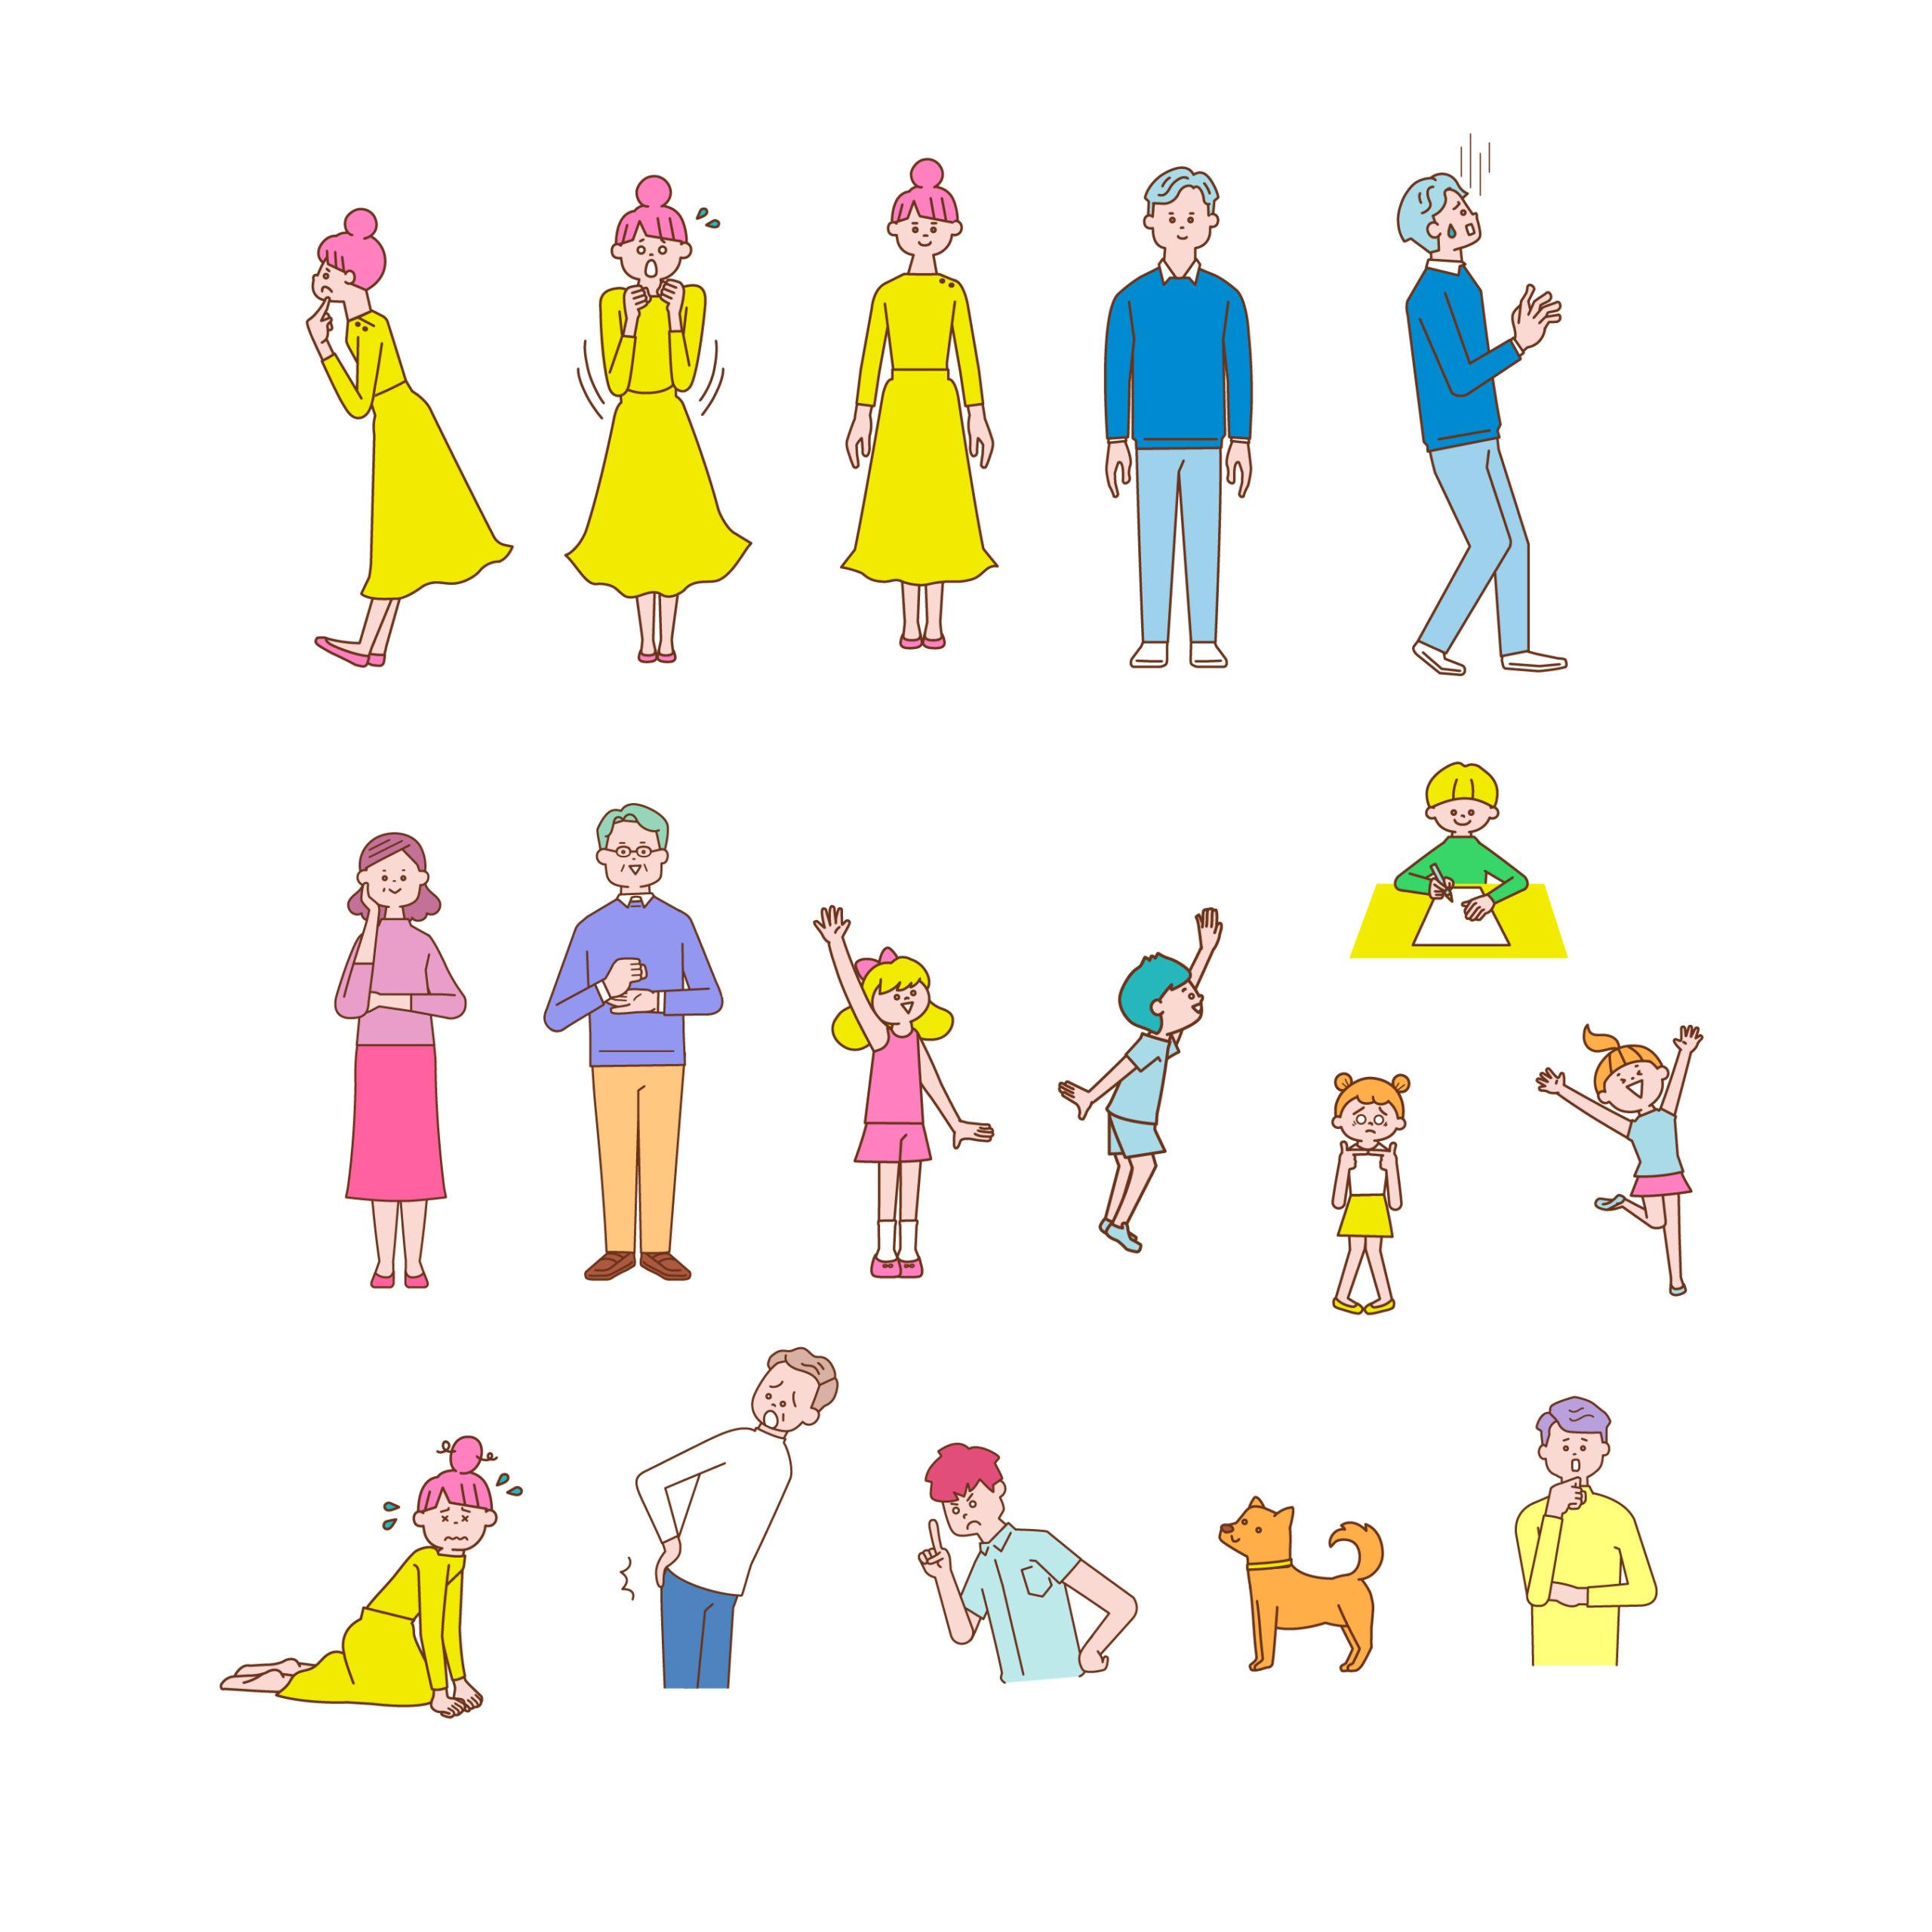 かわいい系人物イラスト(illust19)